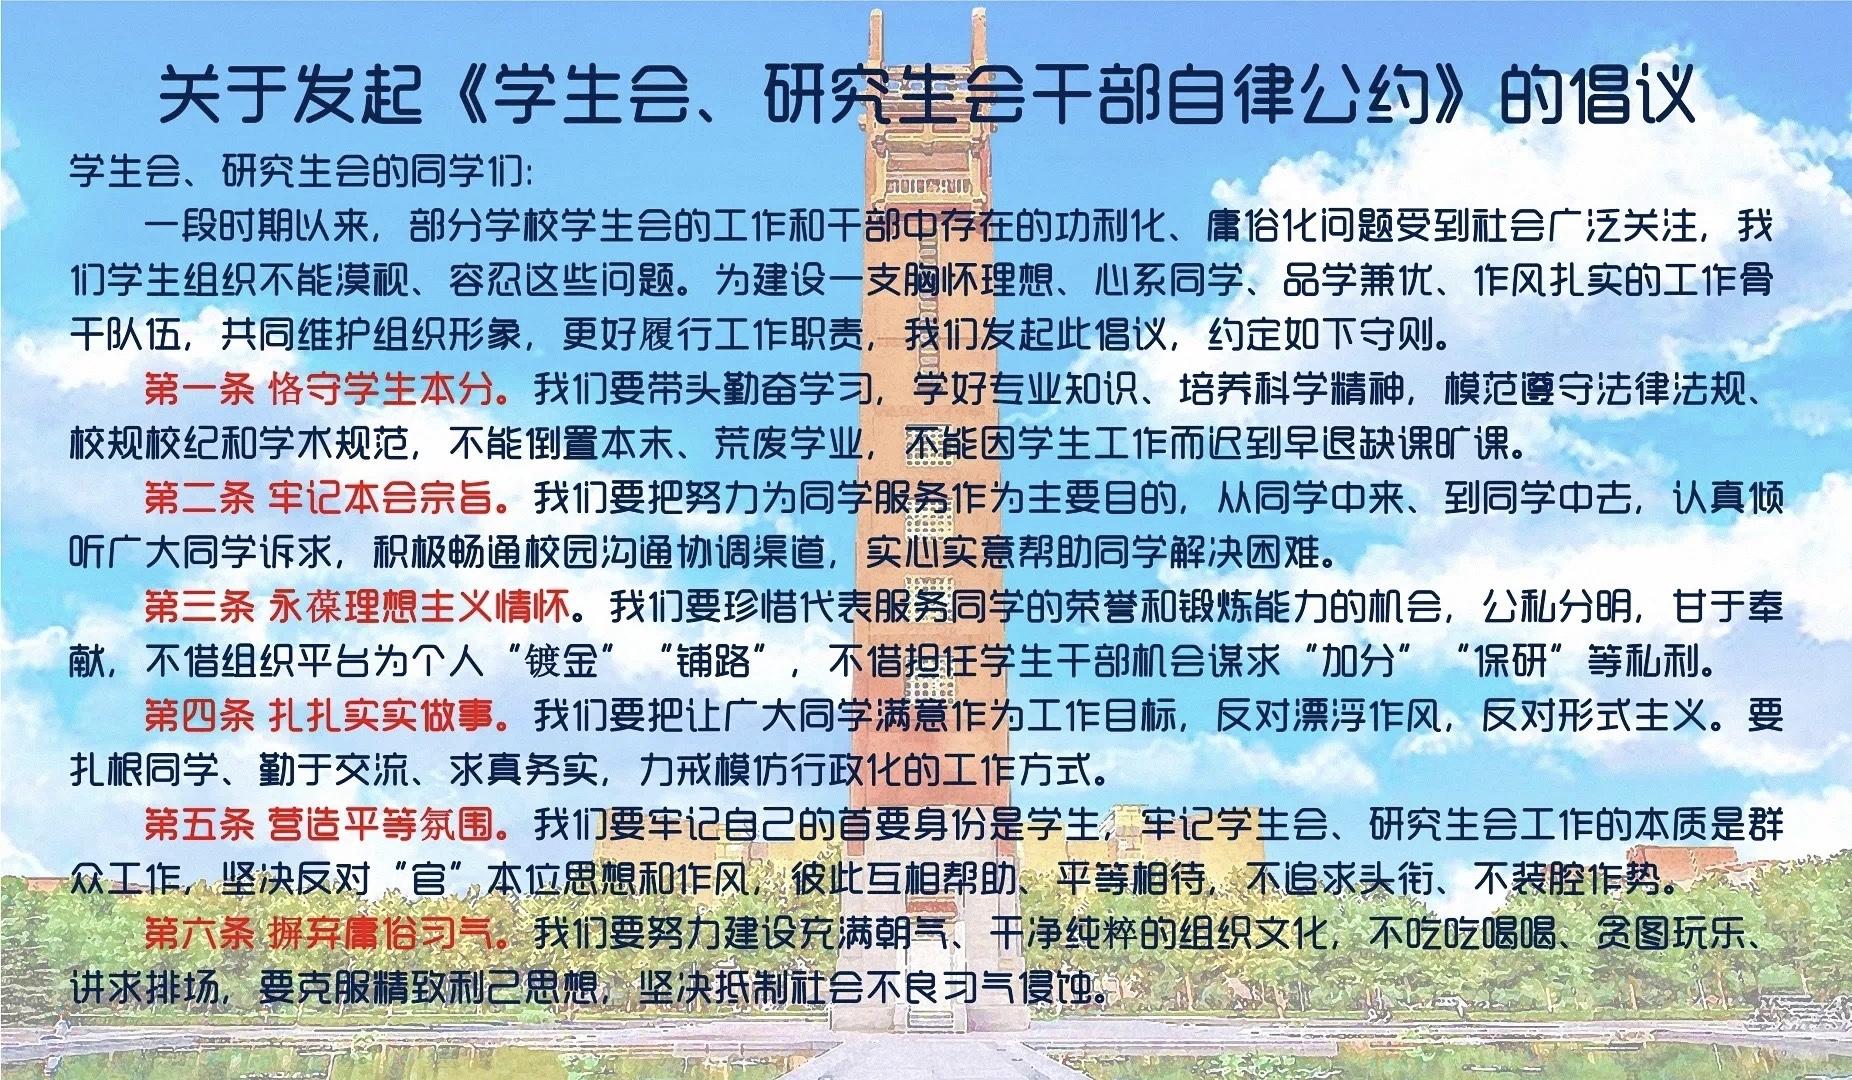 虹野:这是学生会干部《自律公约》倡议书,还是检举信?